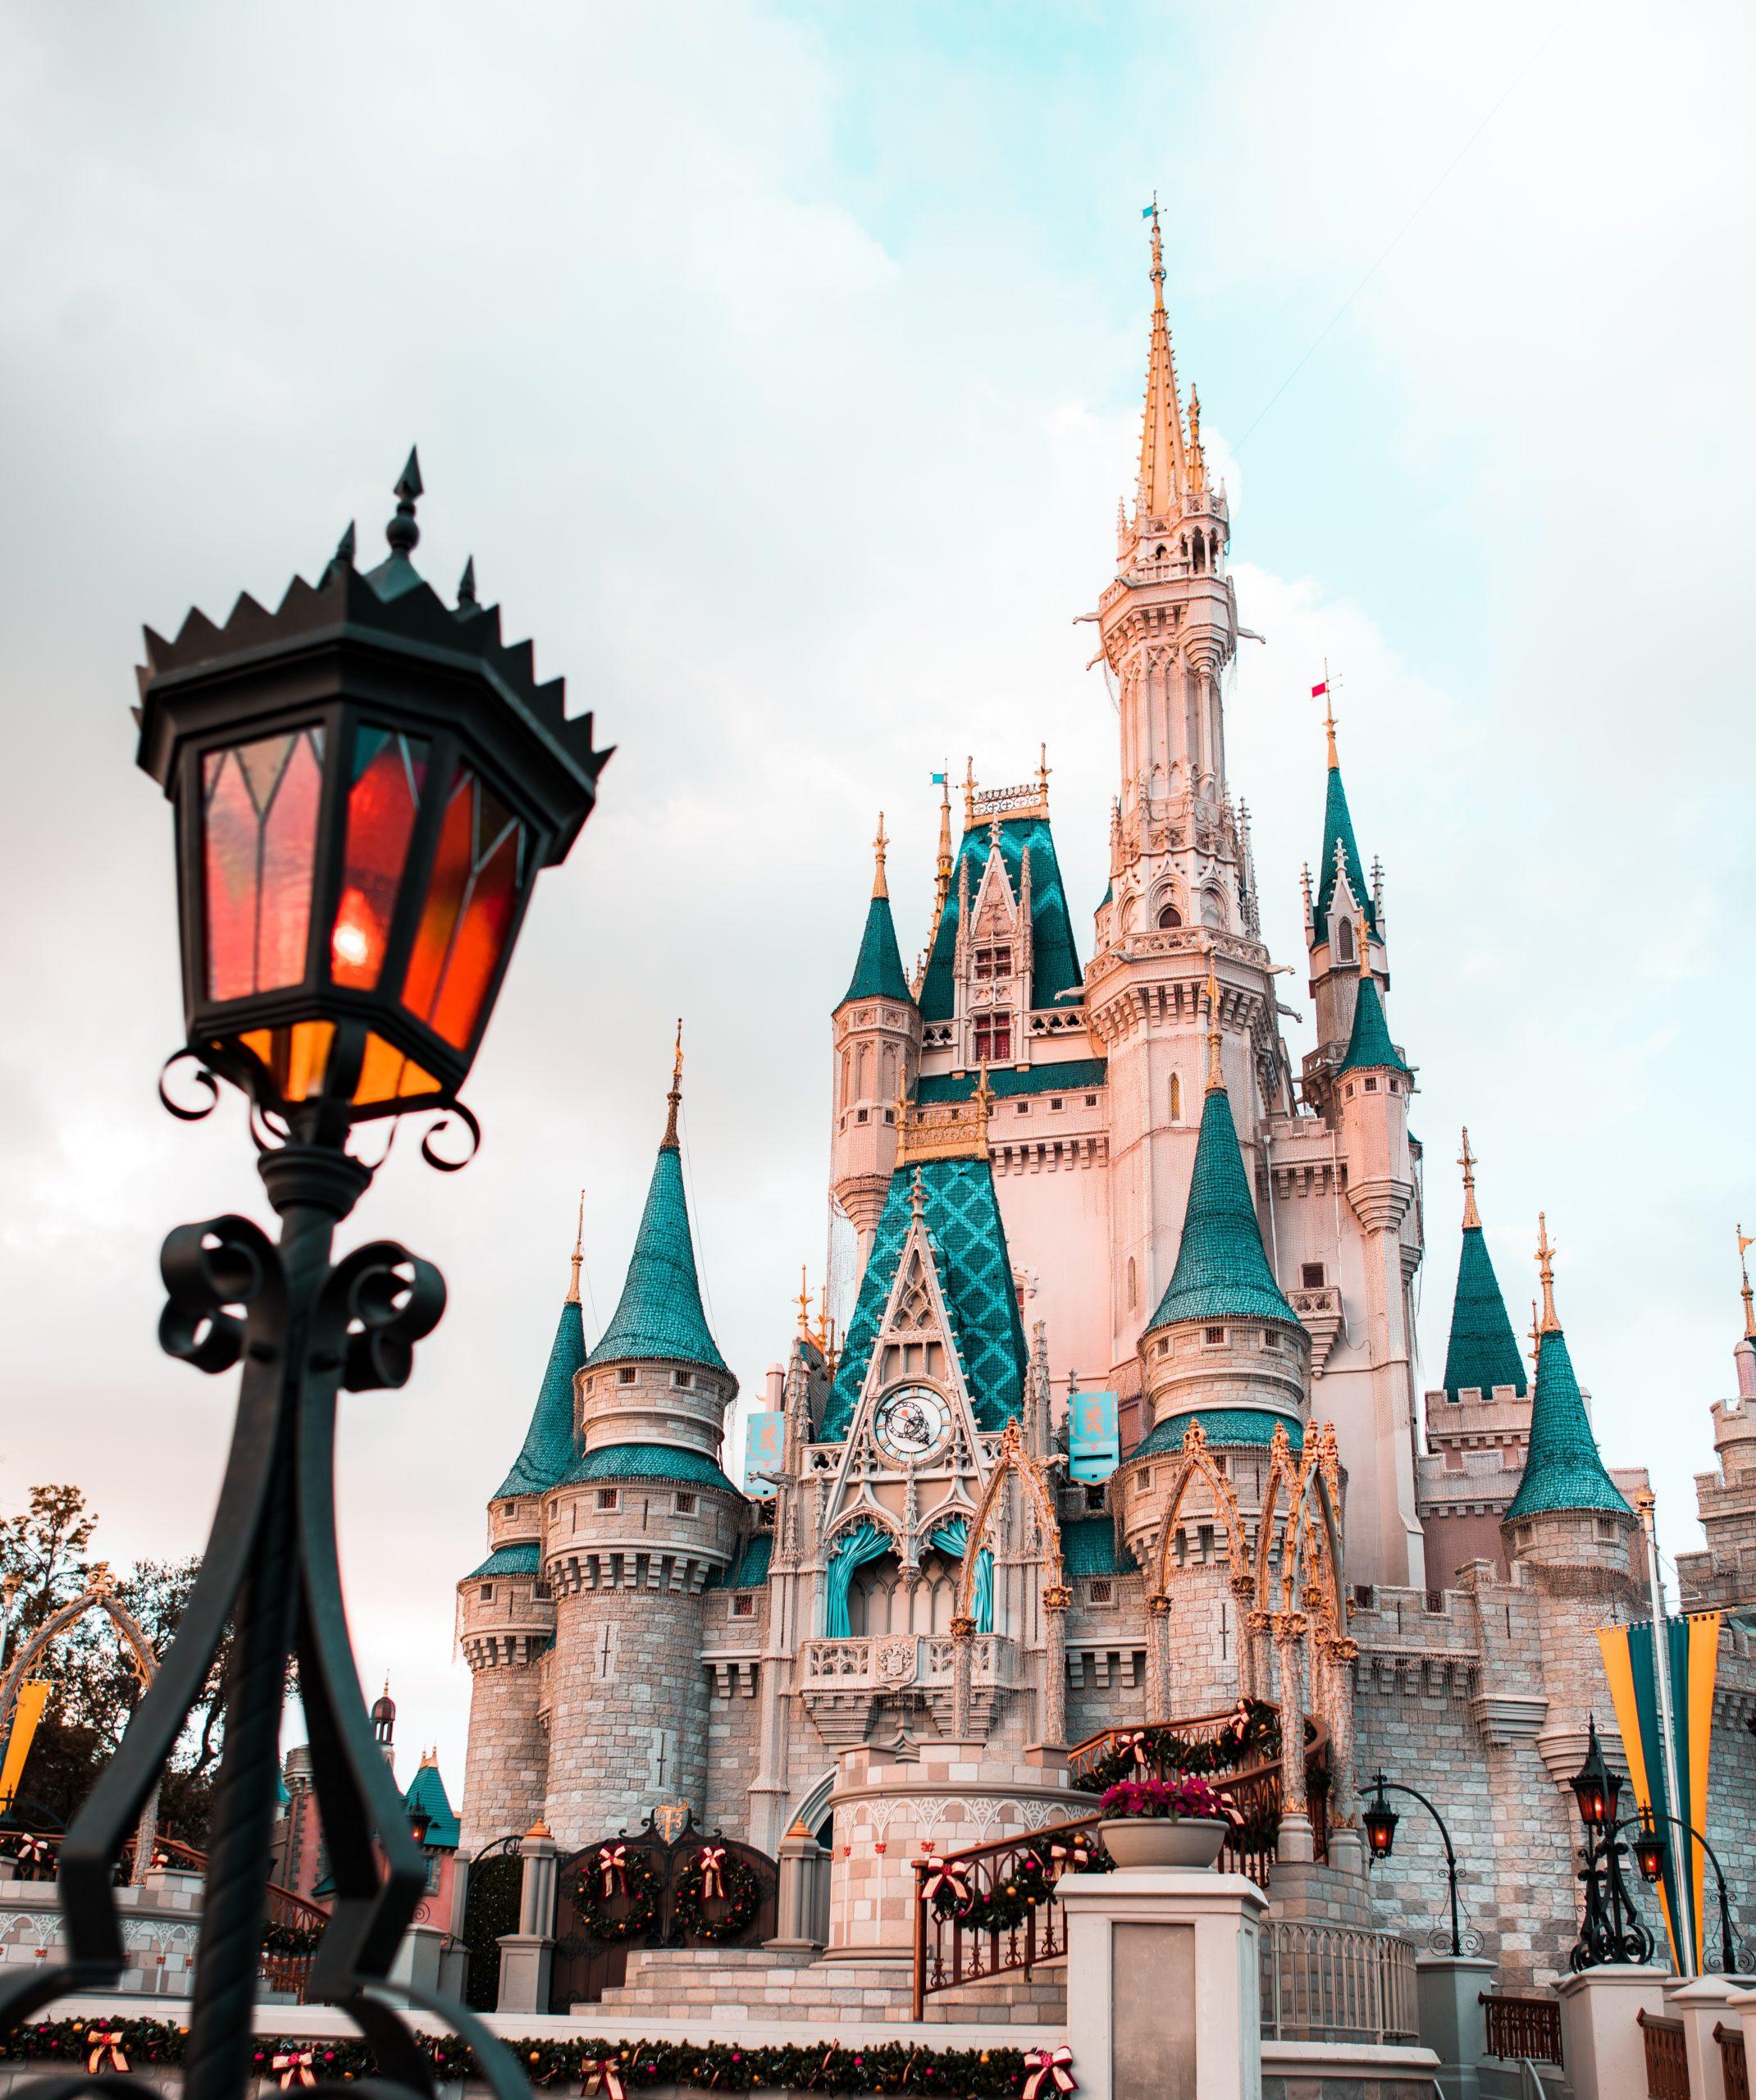 Le chateau de Disneyland Paris